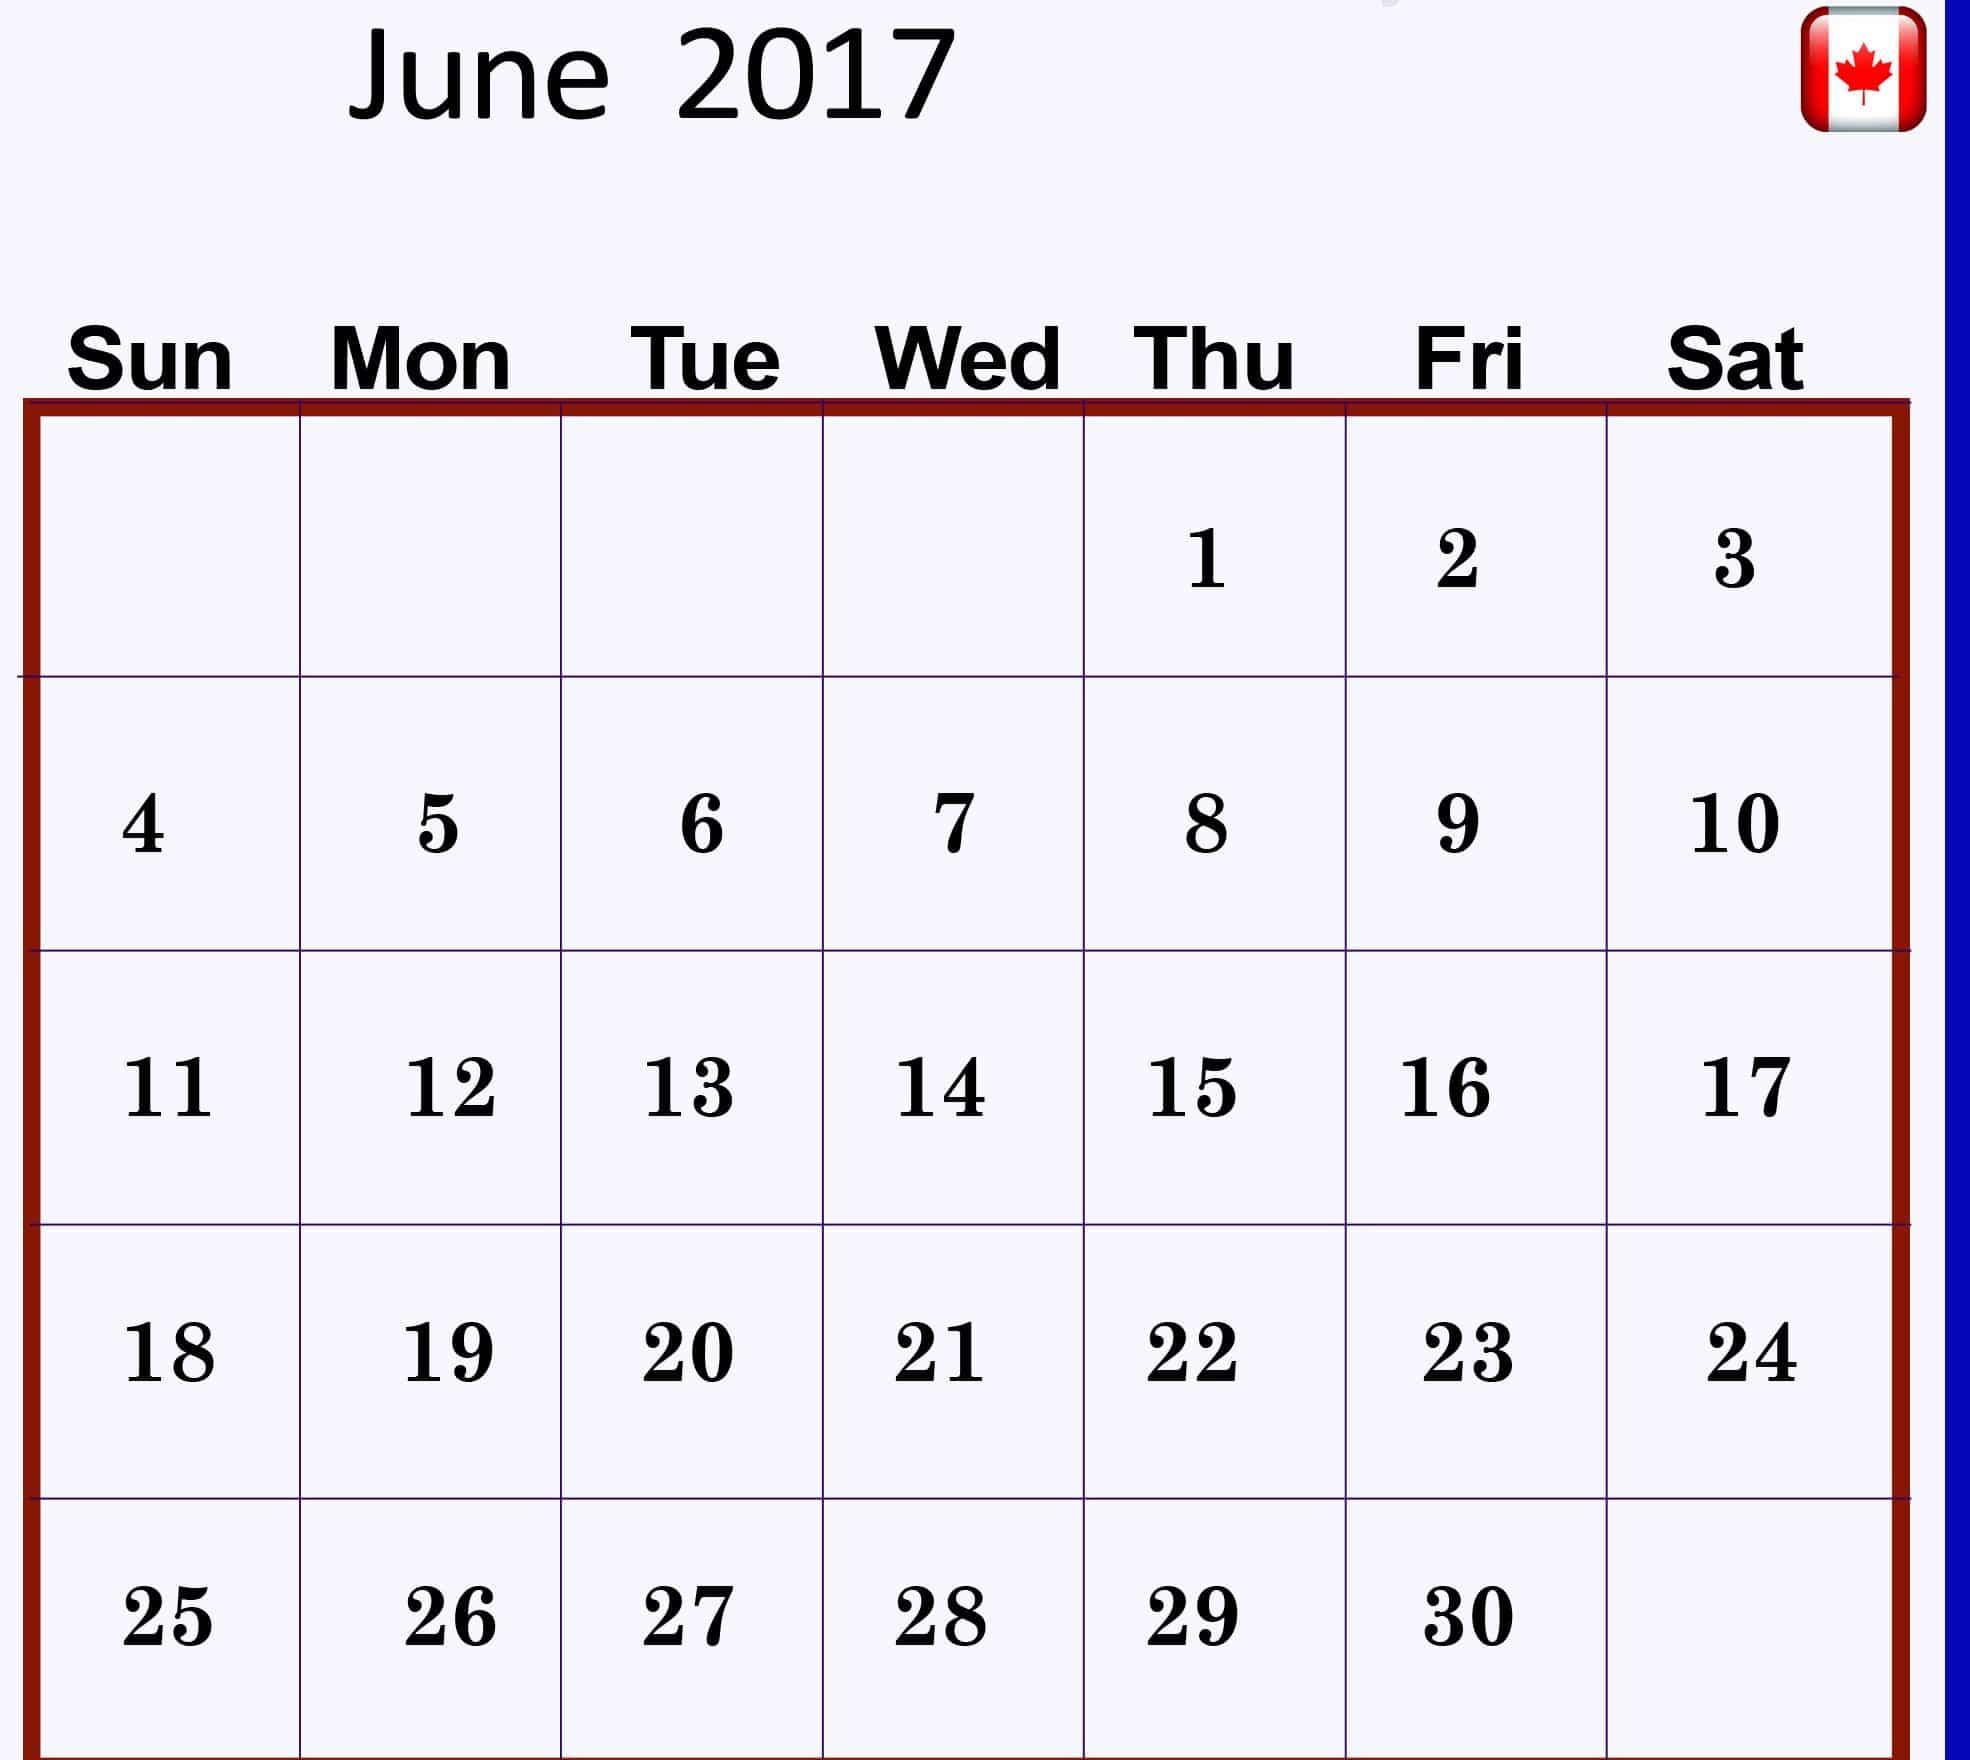 June 2017 calendar Picture Canada